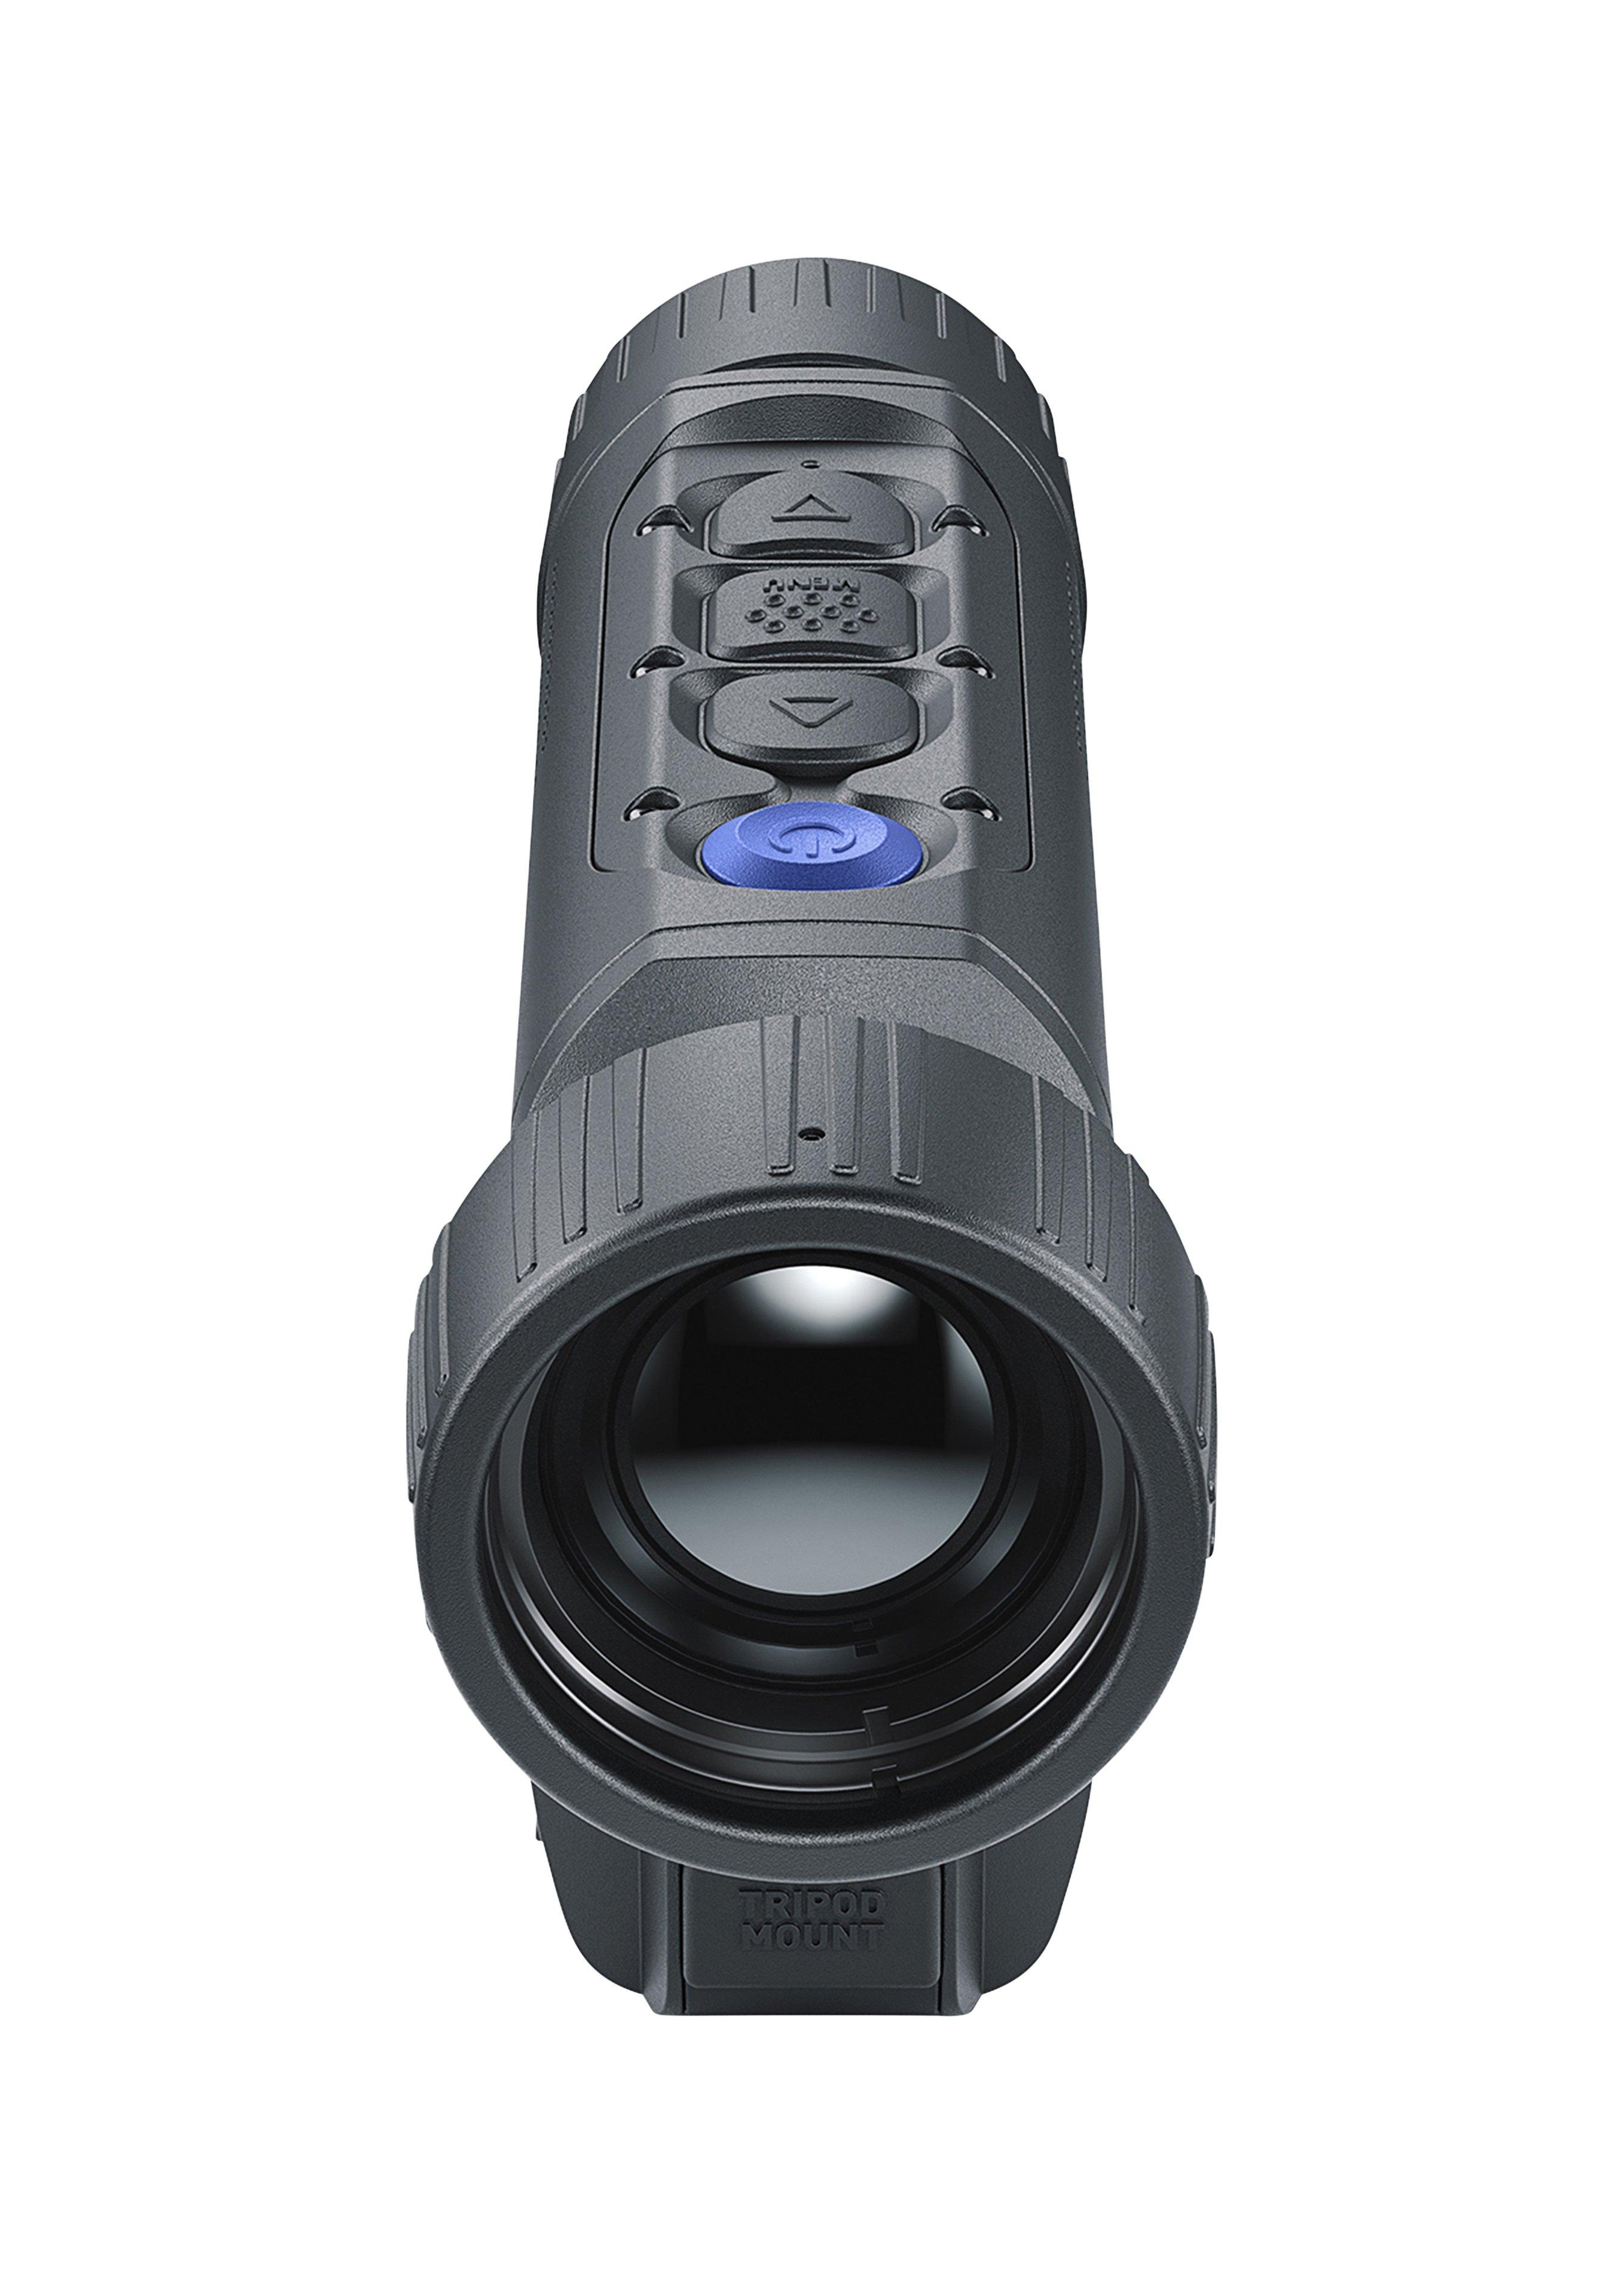 Pulsar Wärmebildkamera Axion XQ 38 244210 3